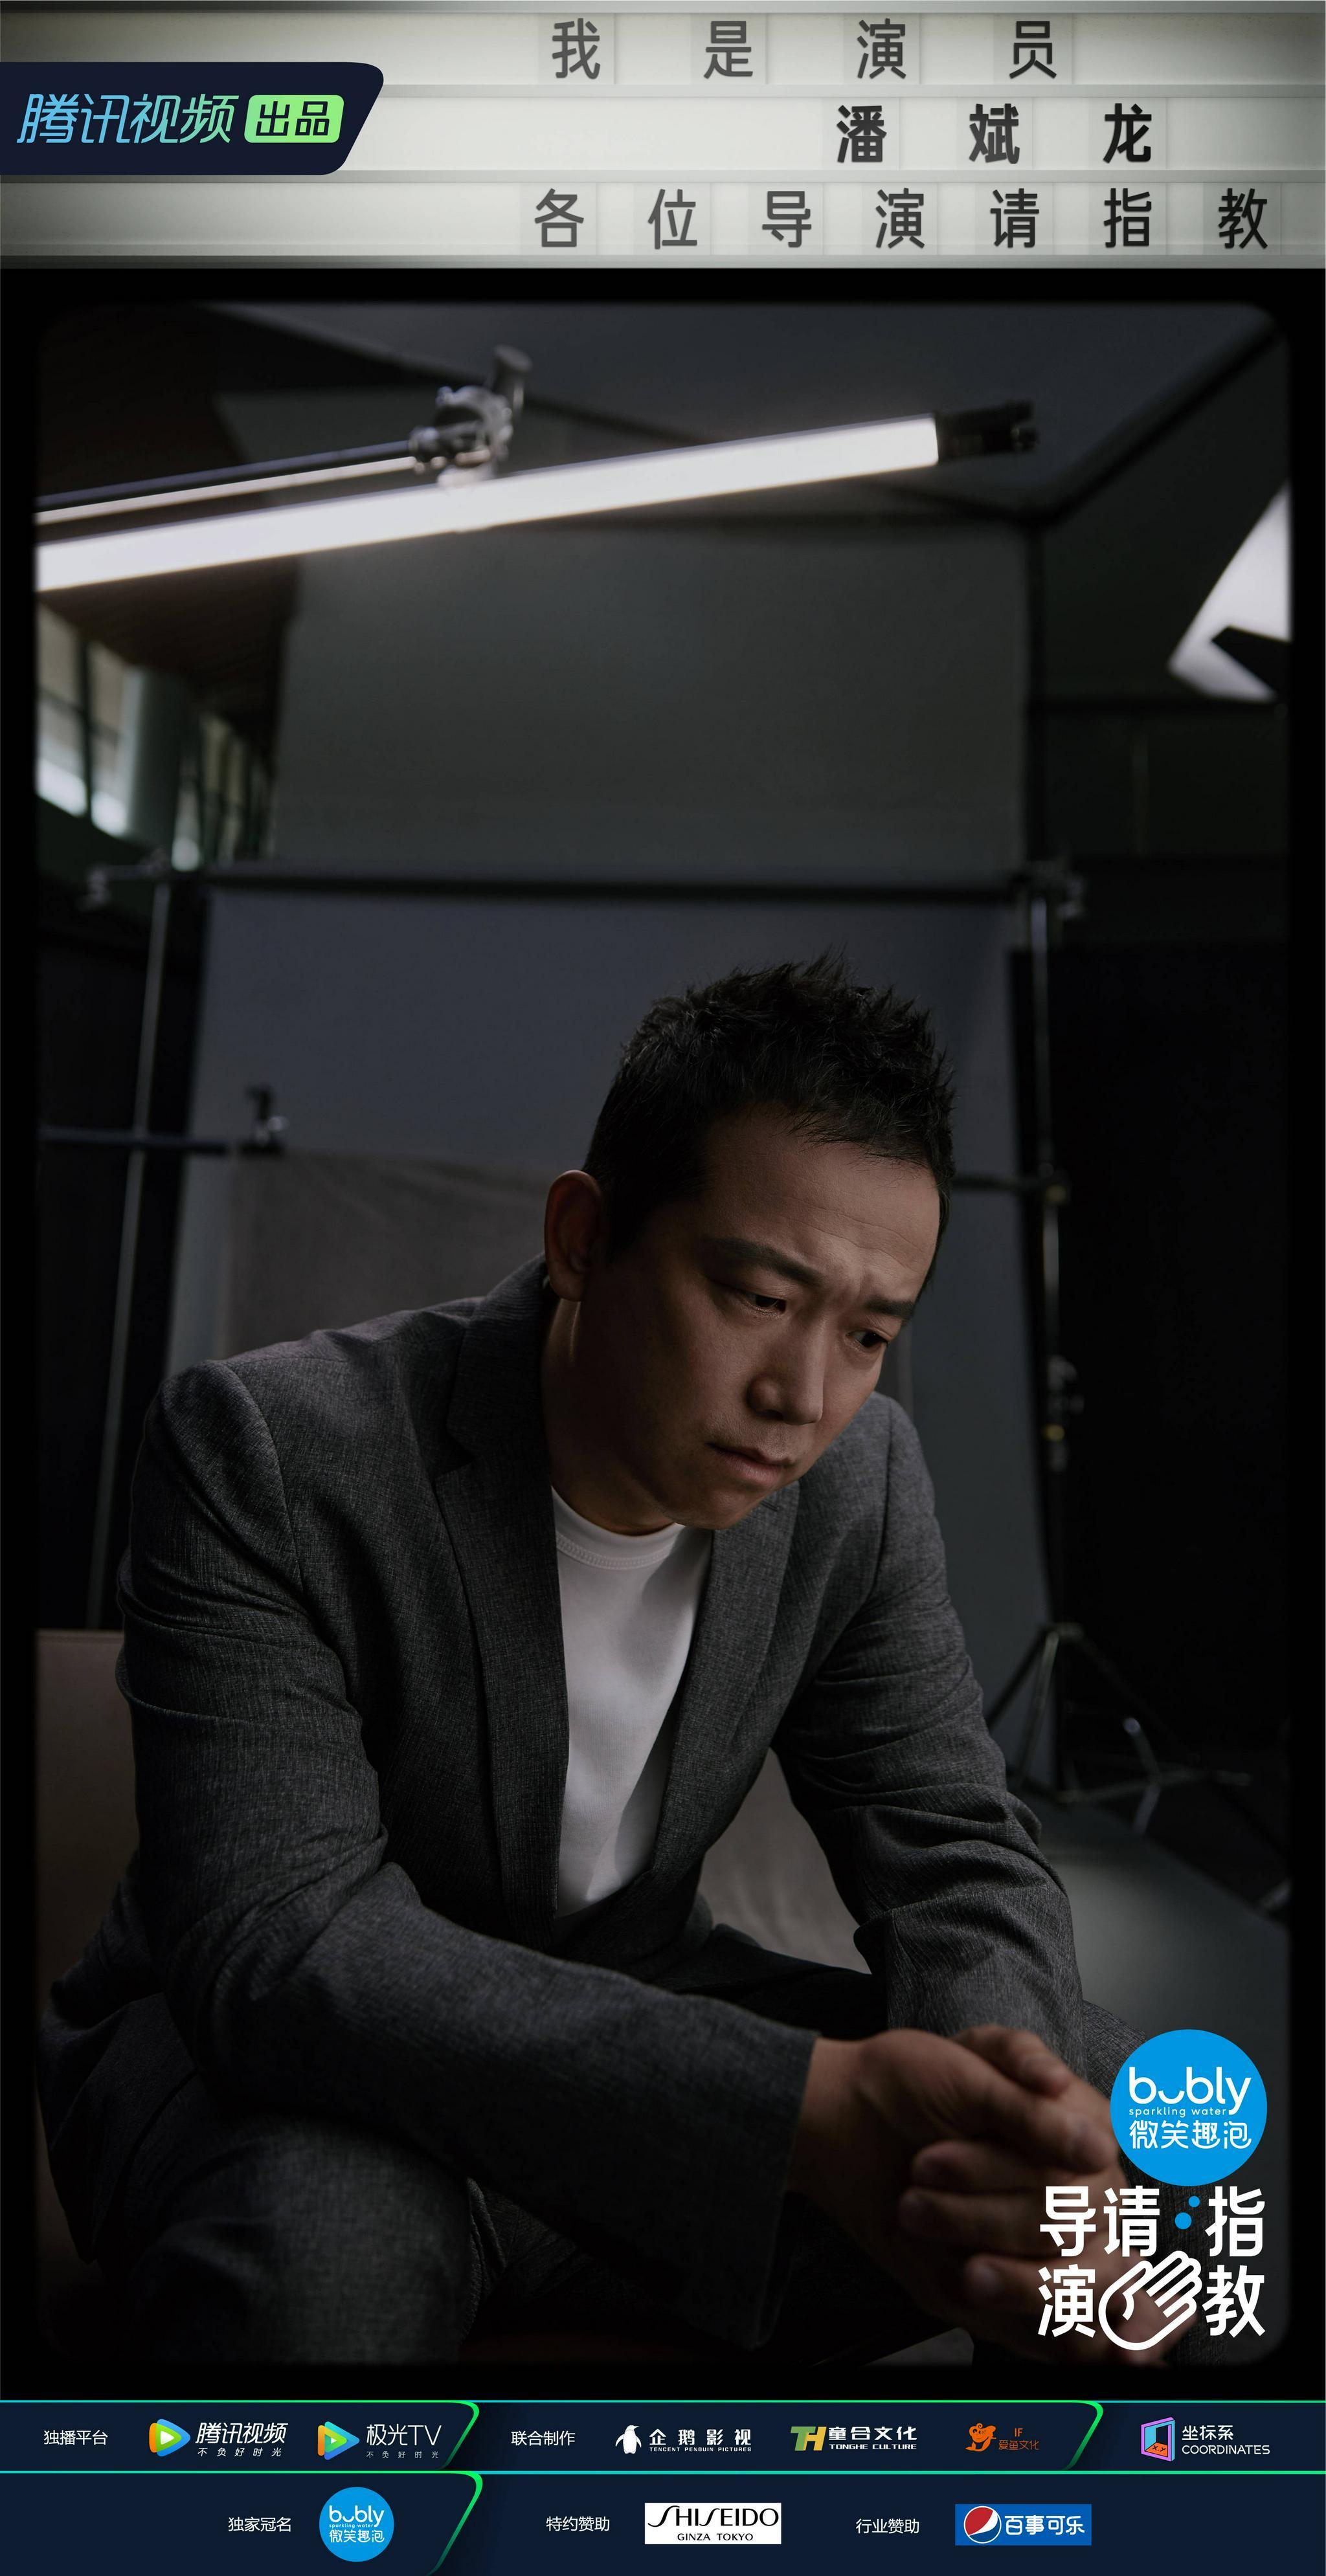 演员潘斌龙就位《导演请指教》 用心诠释好作品